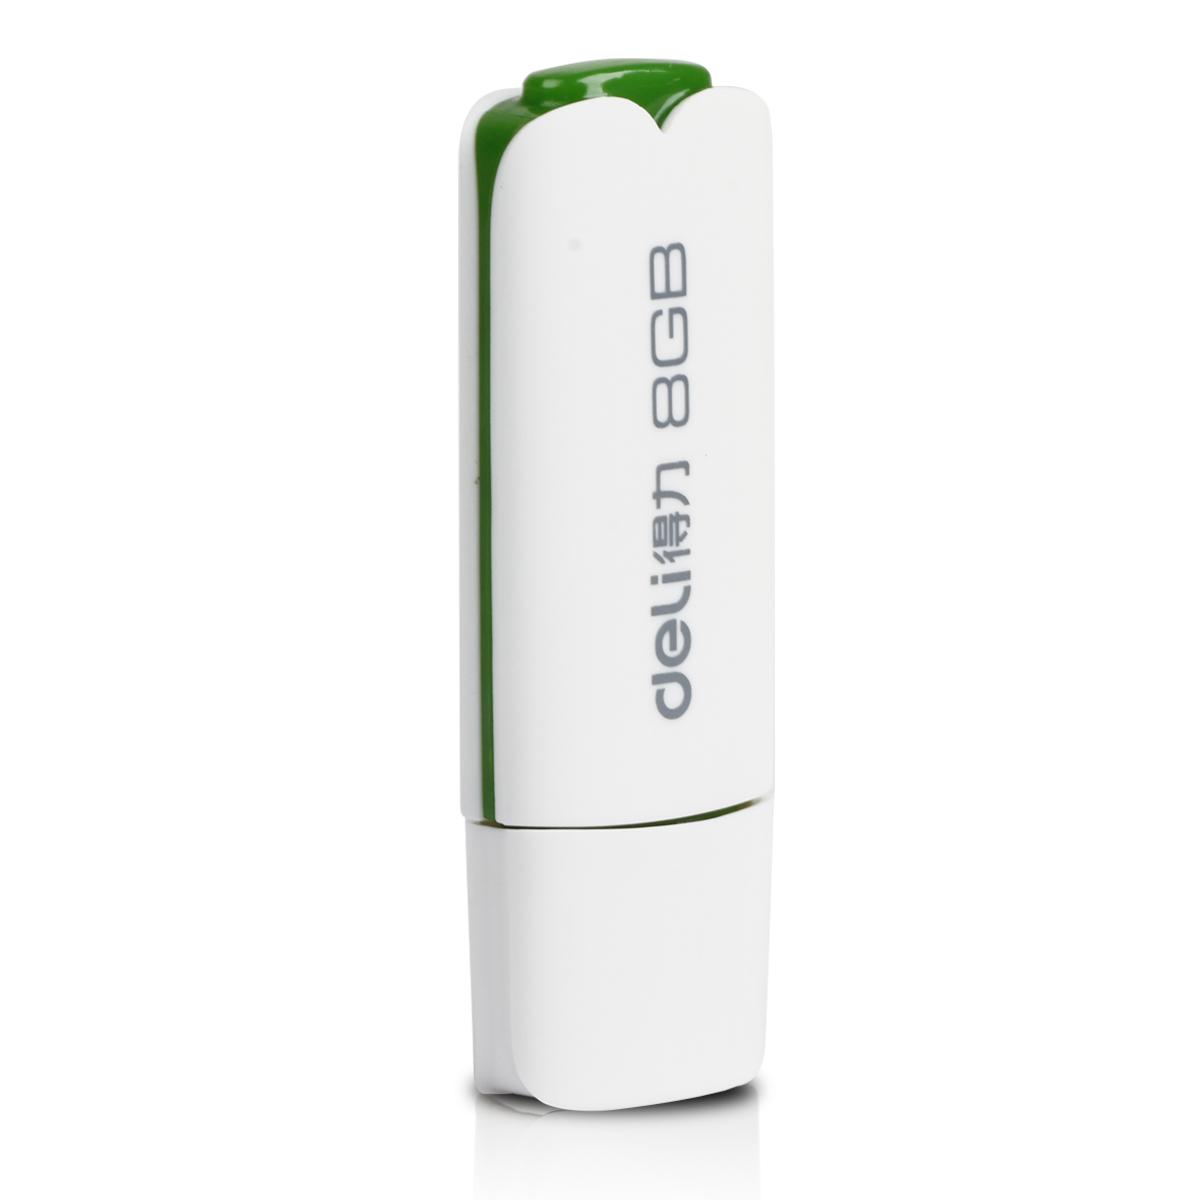 考勤机报表下载得力3722u盘迷你U盘高速USB接方便小巧优盘8GB容量